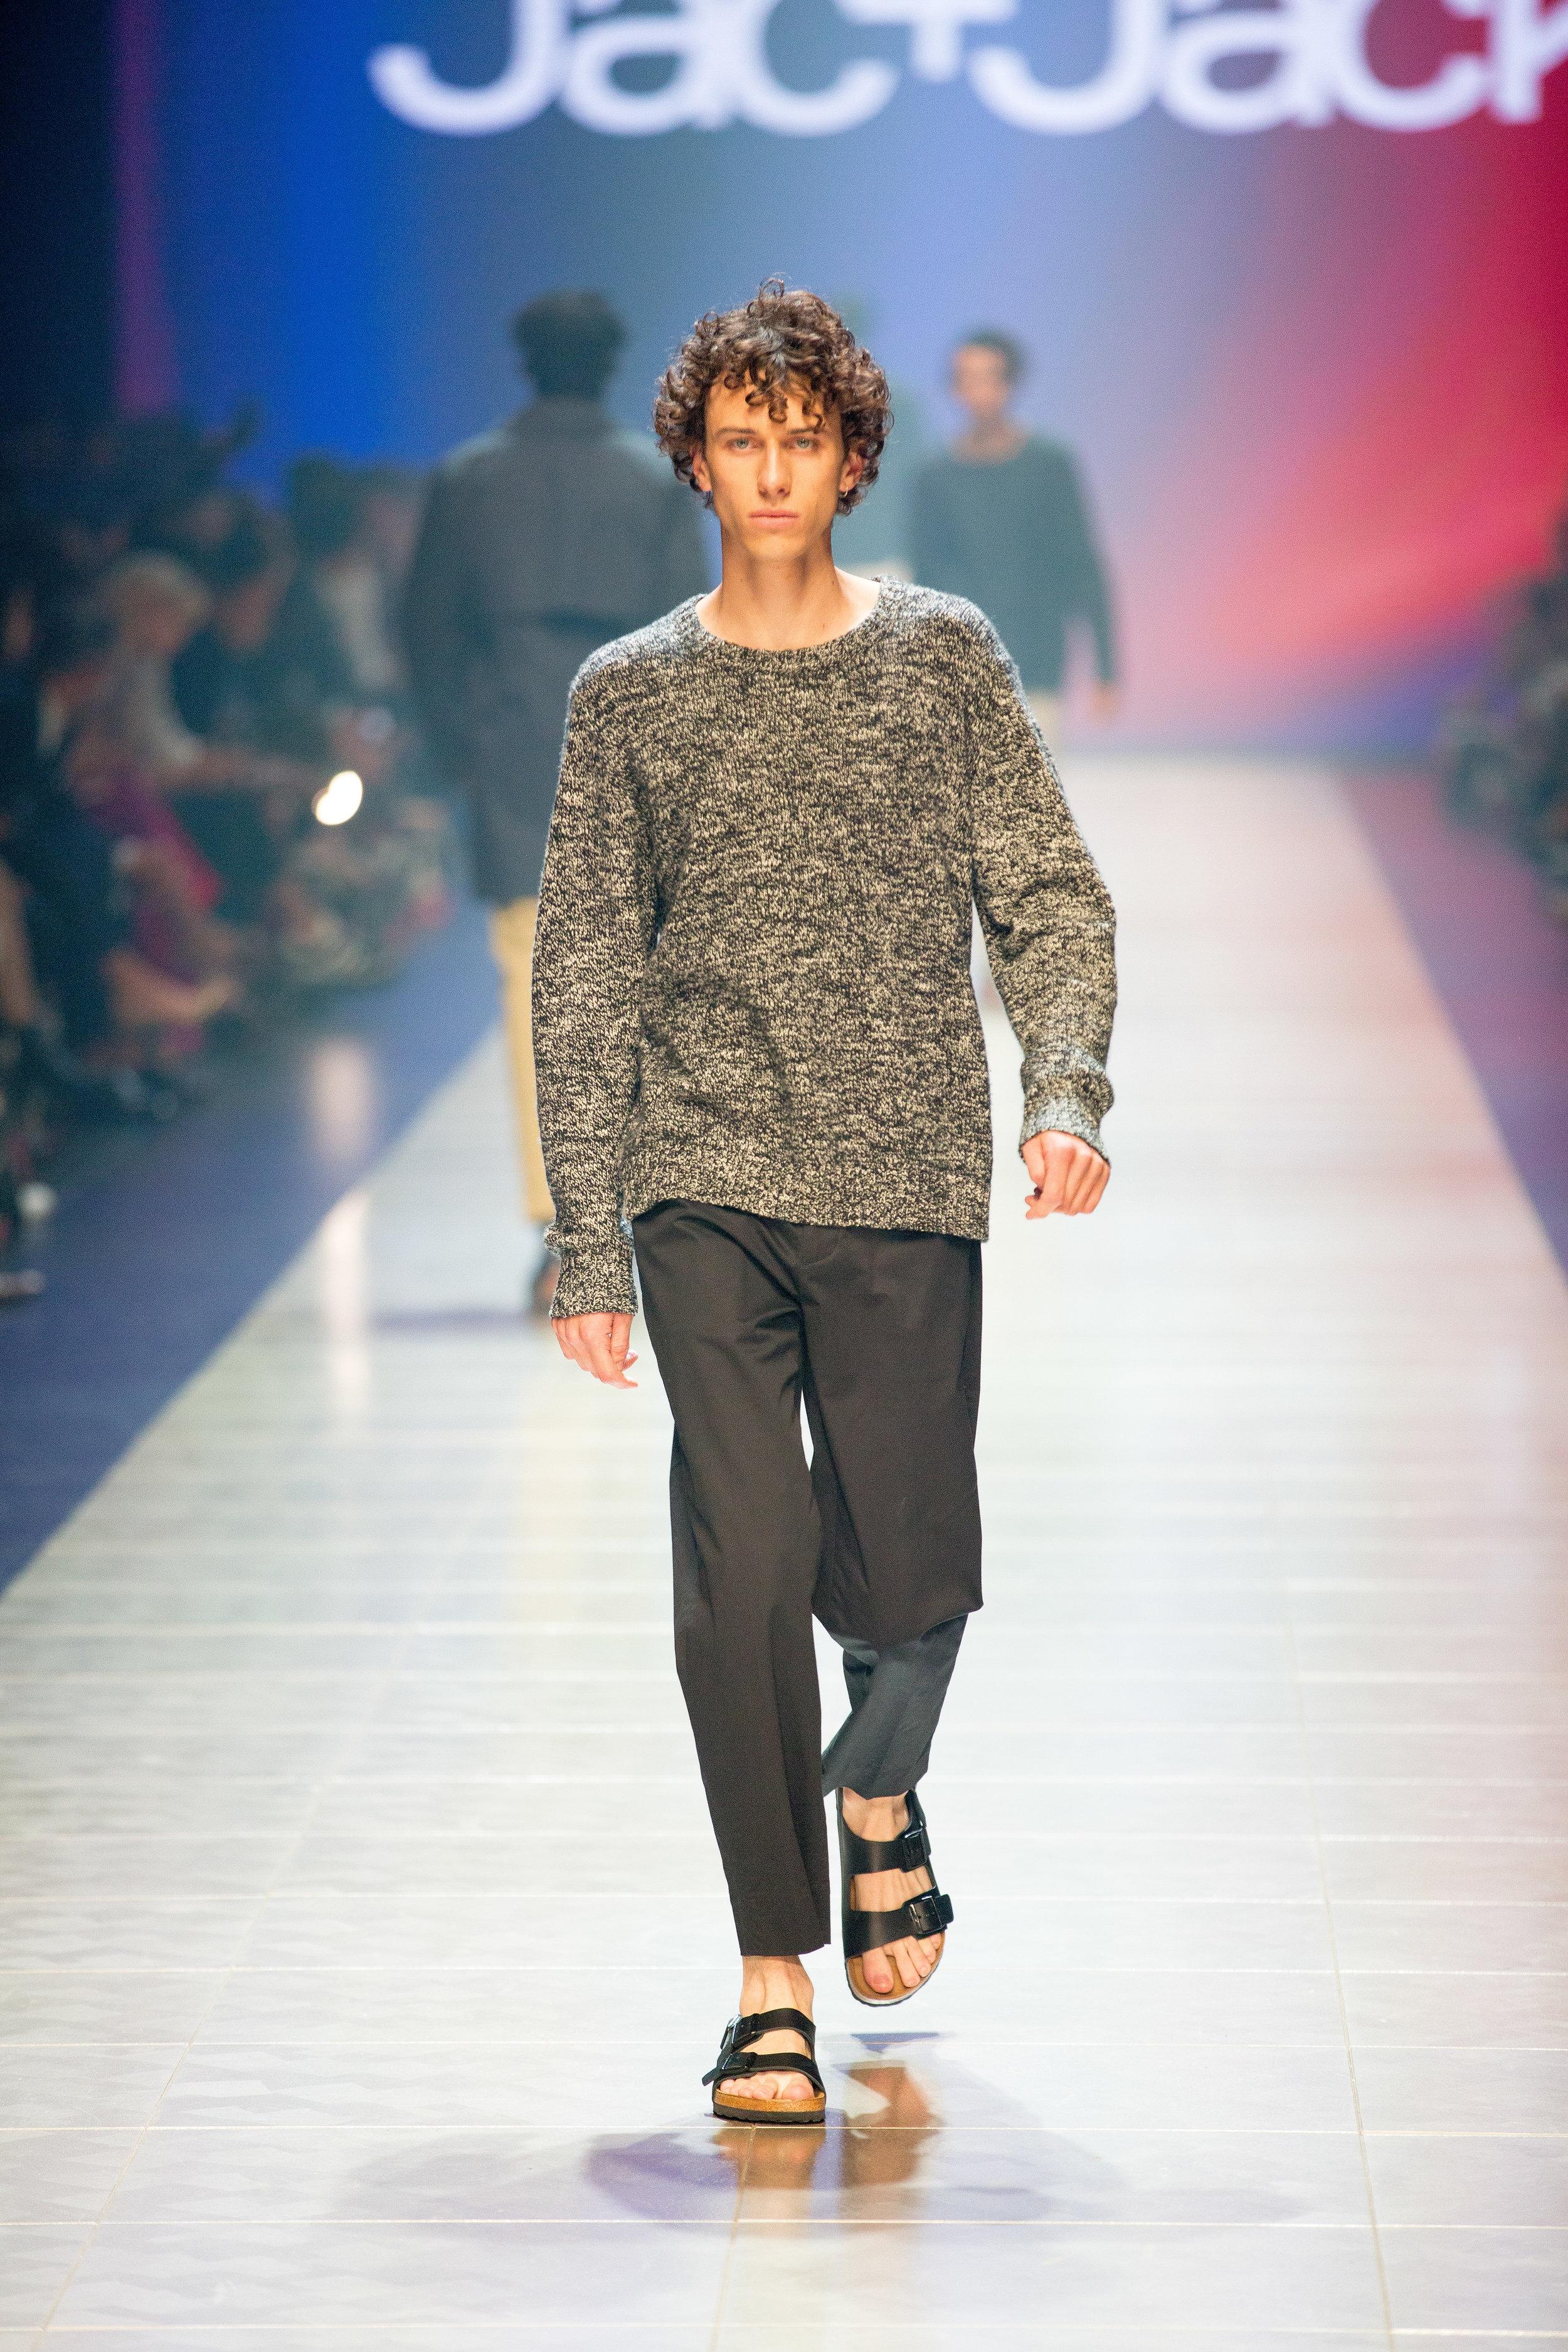 VAMFF2019_GQ Menswear-181.jpg